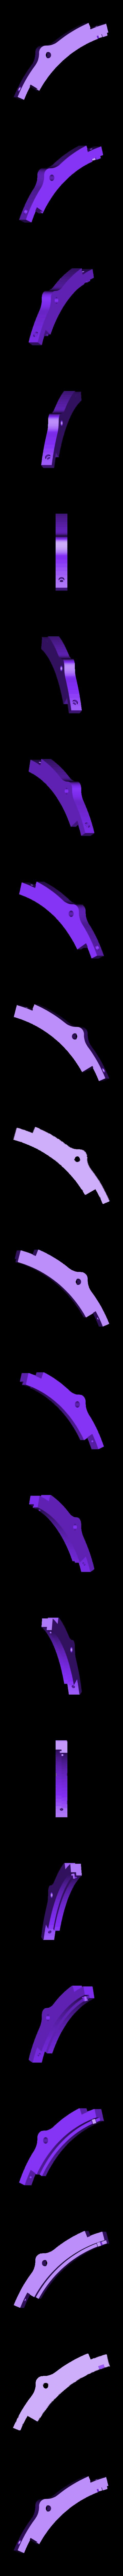 bottom2.stl Télécharger fichier STL gratuit Tambour électronique de 10 pouces avec petite imprimante 3d • Modèle pour imprimante 3D, RyoKosaka